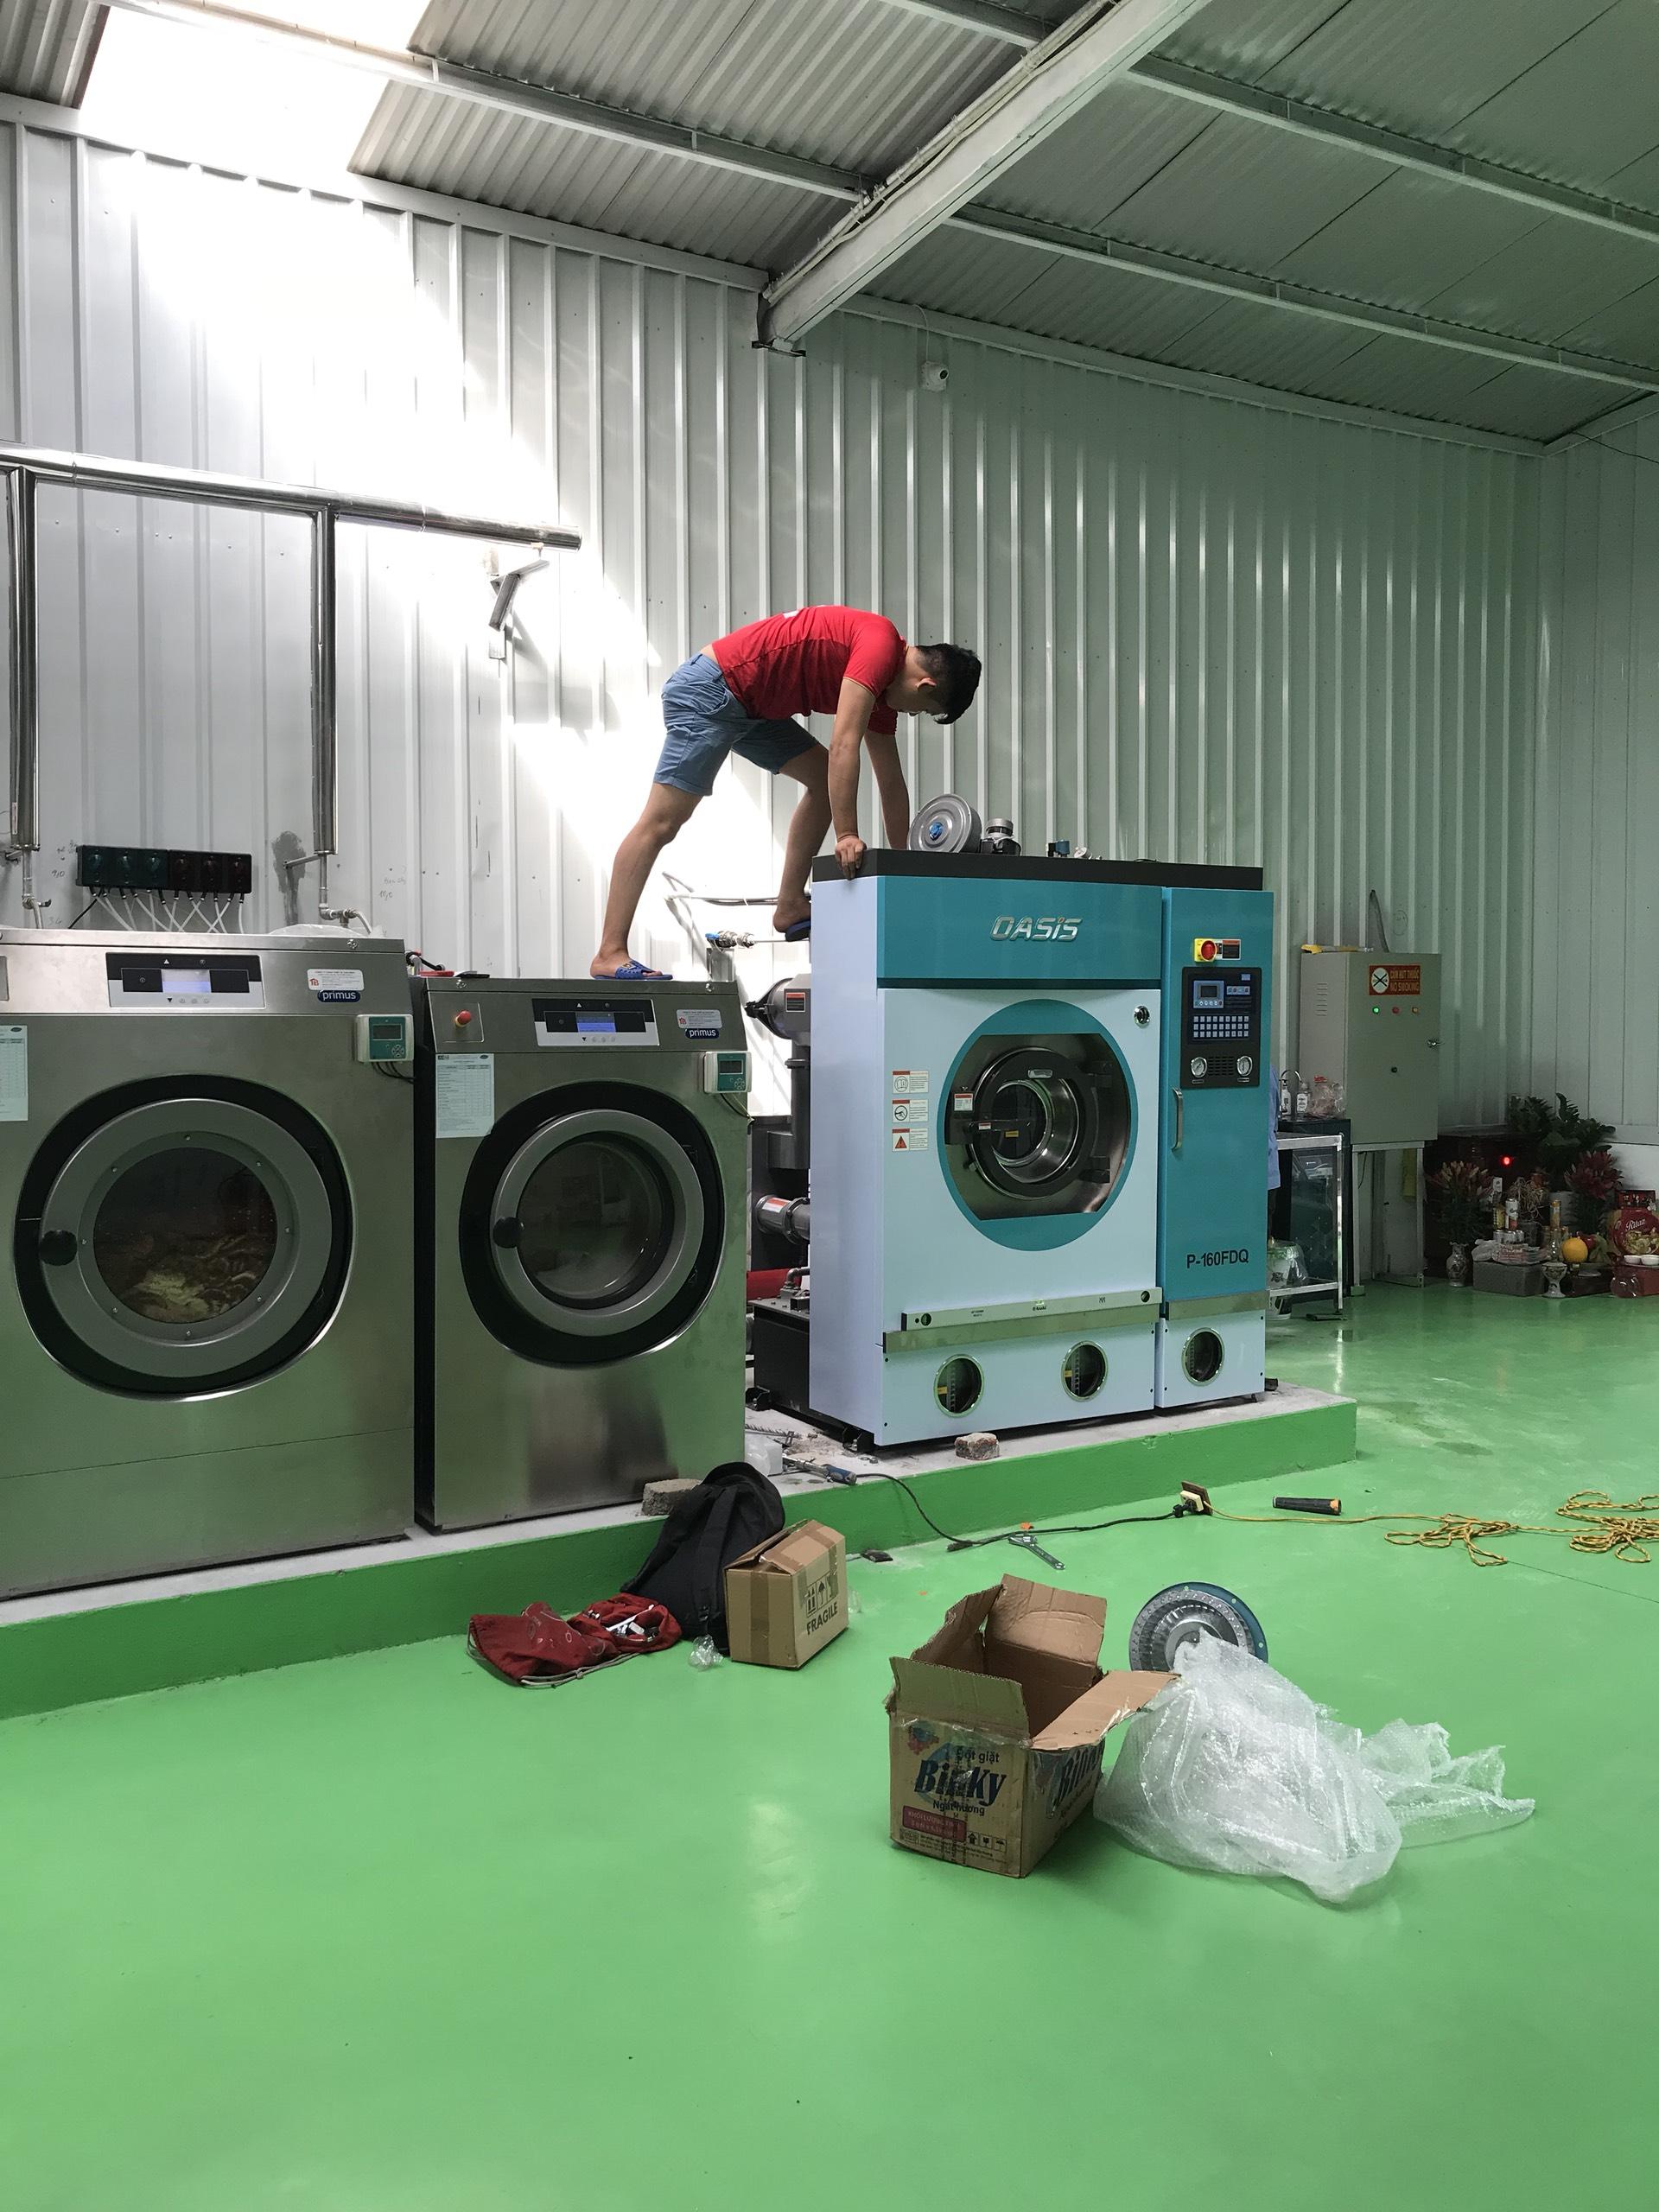 Hướng dẫn sử dụng máy giặt công nghiệp cho người mới sử dụng